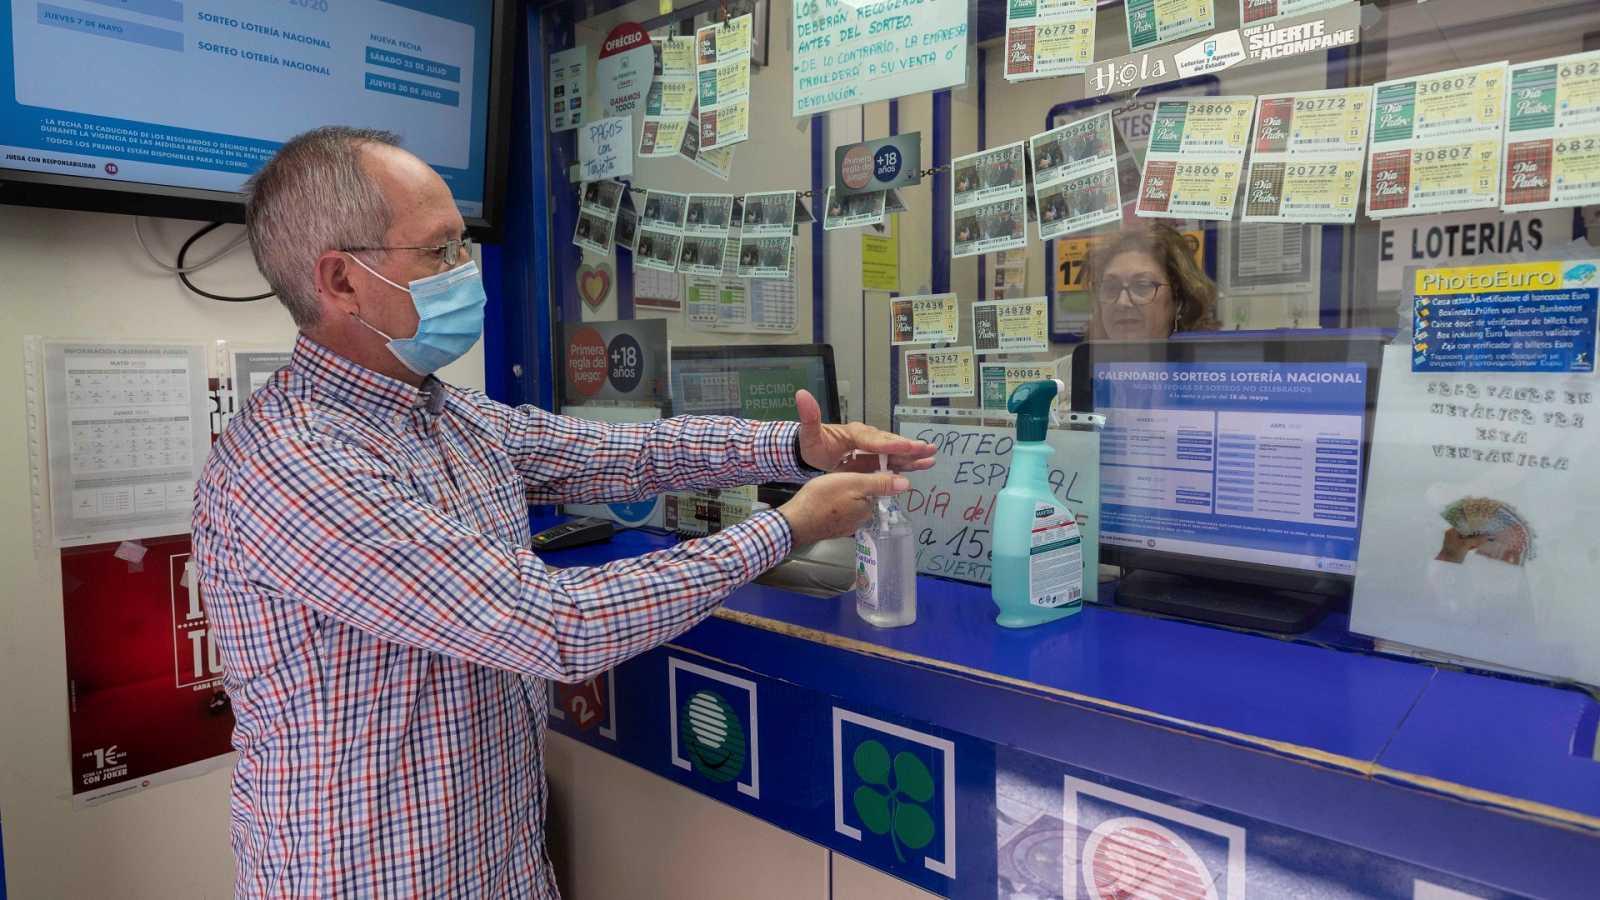 Un hombre se lava las manos con gel hidroalchólico antes de comprar lotería en una foto de archivo